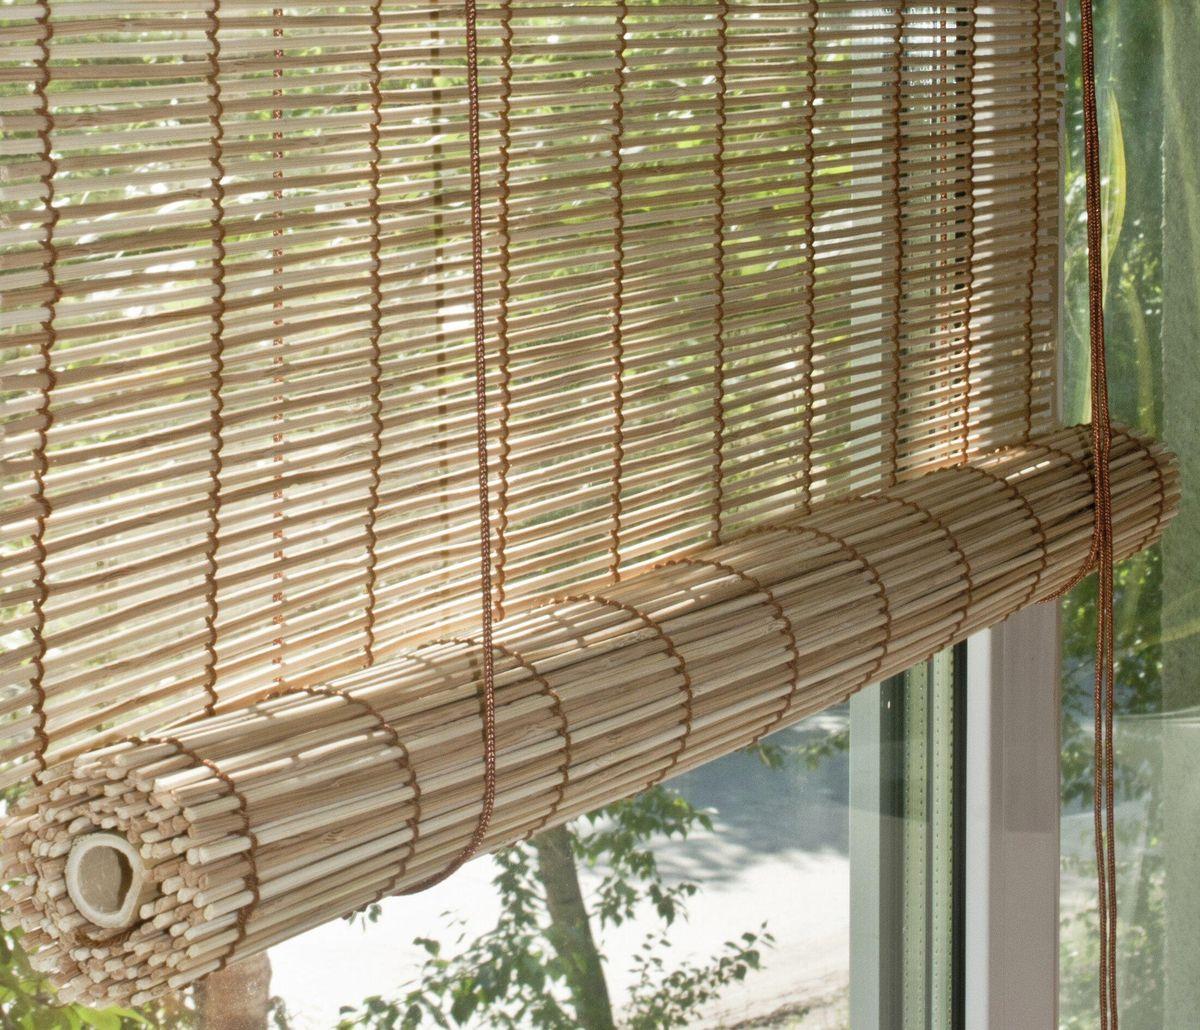 Штора рулонная Эскар Бамбук, цвет: натуральный микс, ширина 160 см, высота 160 см2615S545JBПри оформлении интерьера современных помещений многие отдают предпочтение природным материалам. Штора рулонная Эскар Бамбук – одно из натуральных изделий, способное сделать атмосферу помещения более уютной и в то же время необычной. Свойства бамбука уникальны: он экологически чист, так как быстро вырастает, благодаря чему не успевает накопить вредные вещества из окружающей среды. Кроме того, растение обладает противомикробным и антибактериальным действием. Занавеси из бамбука безопасно использовать в помещениях, где находятся новорожденные дети и люди, склонные к аллергии. Они незаменимы для тех, кто заботится о своем здоровье и уделяет внимание высокому уровню жизни.